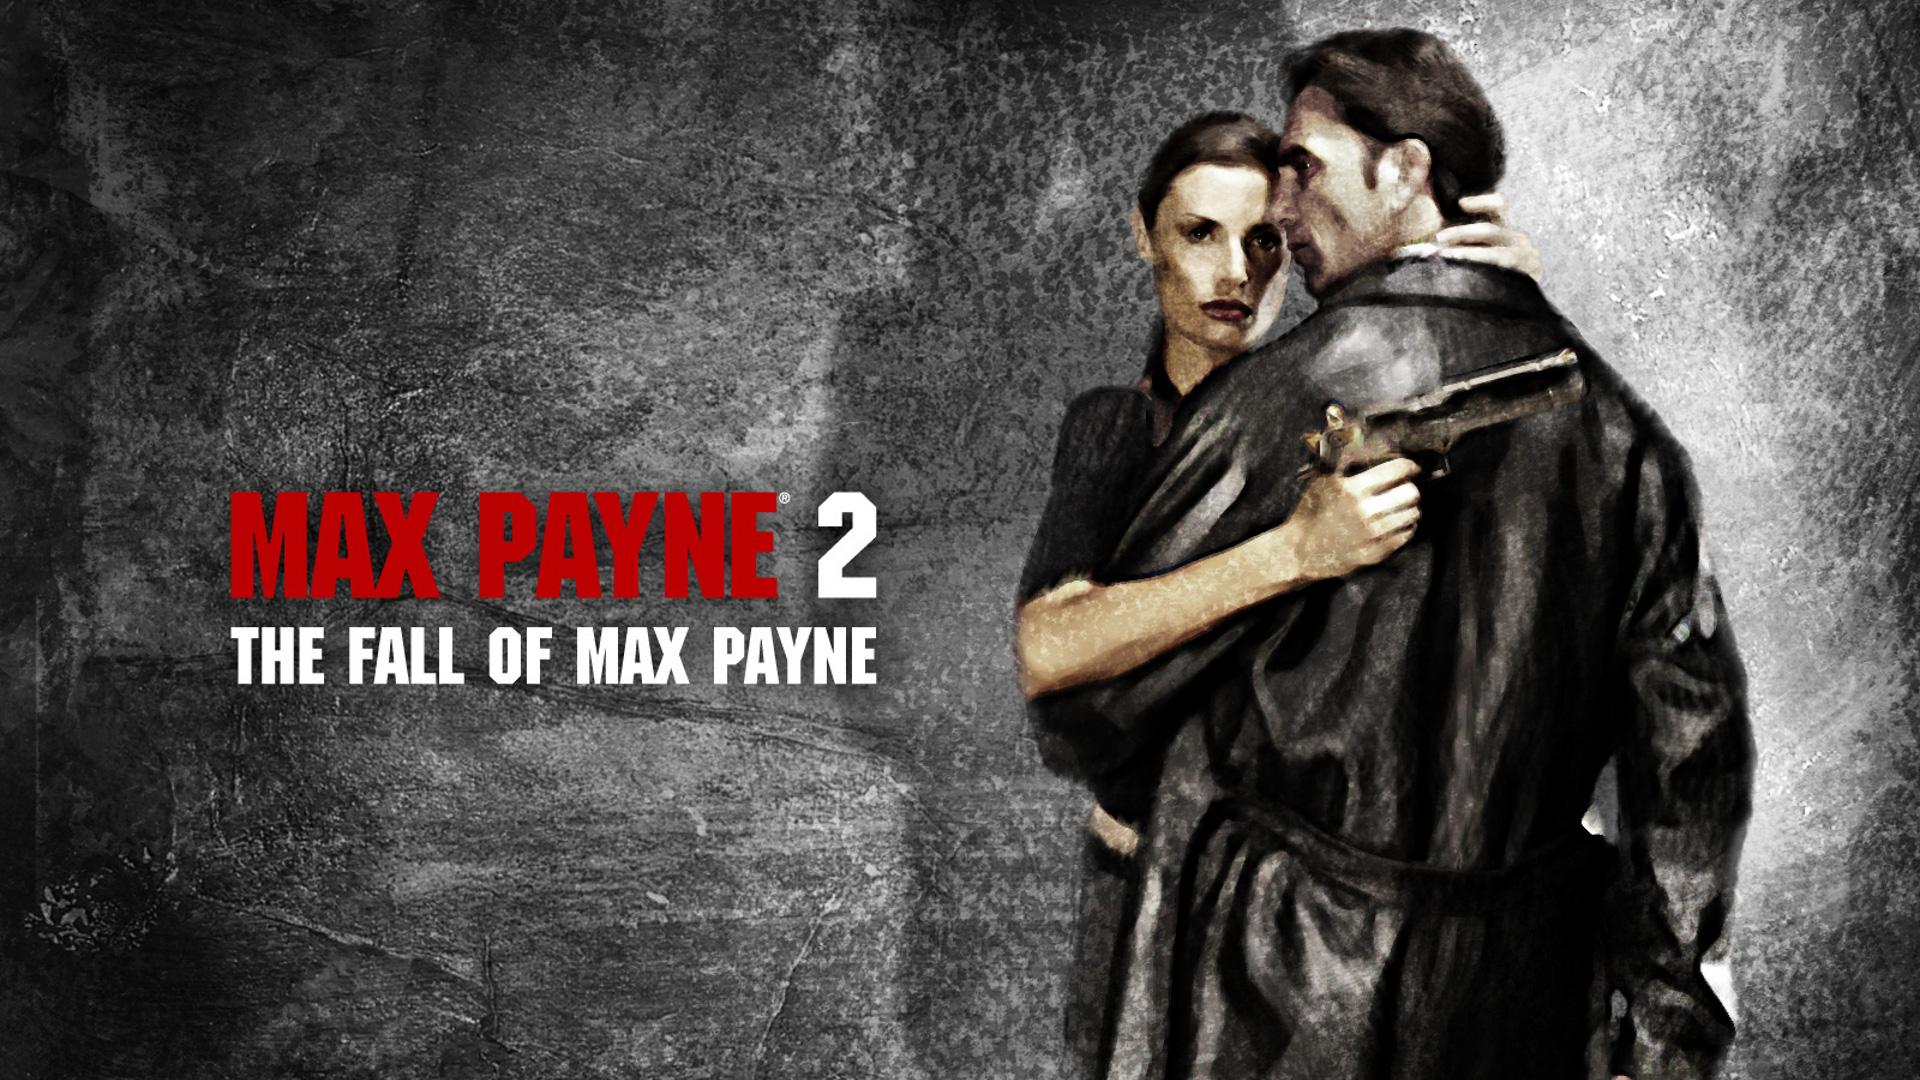 Max Payne 2 The Fall Of Max Payne Wallpaper Max Payne 2 The Fall Of Max Payne Hd Wallpaper